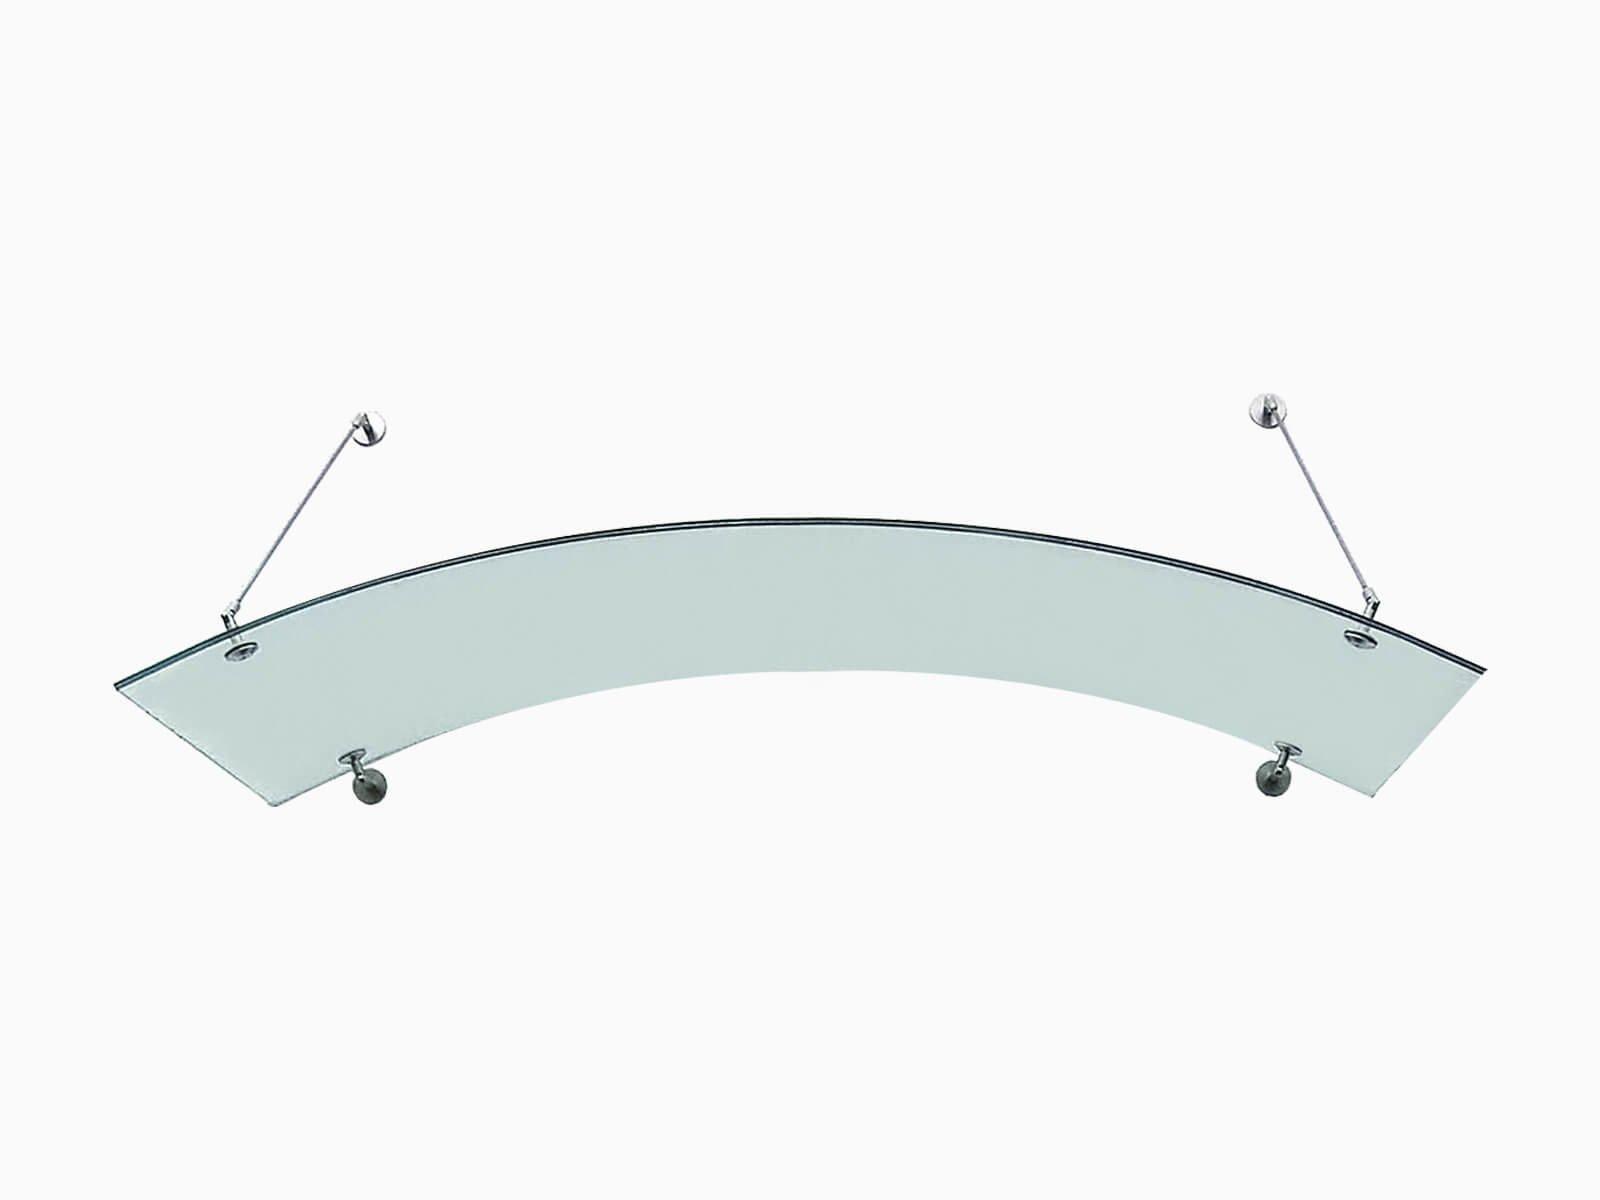 Rundbogenvordach aus Glas